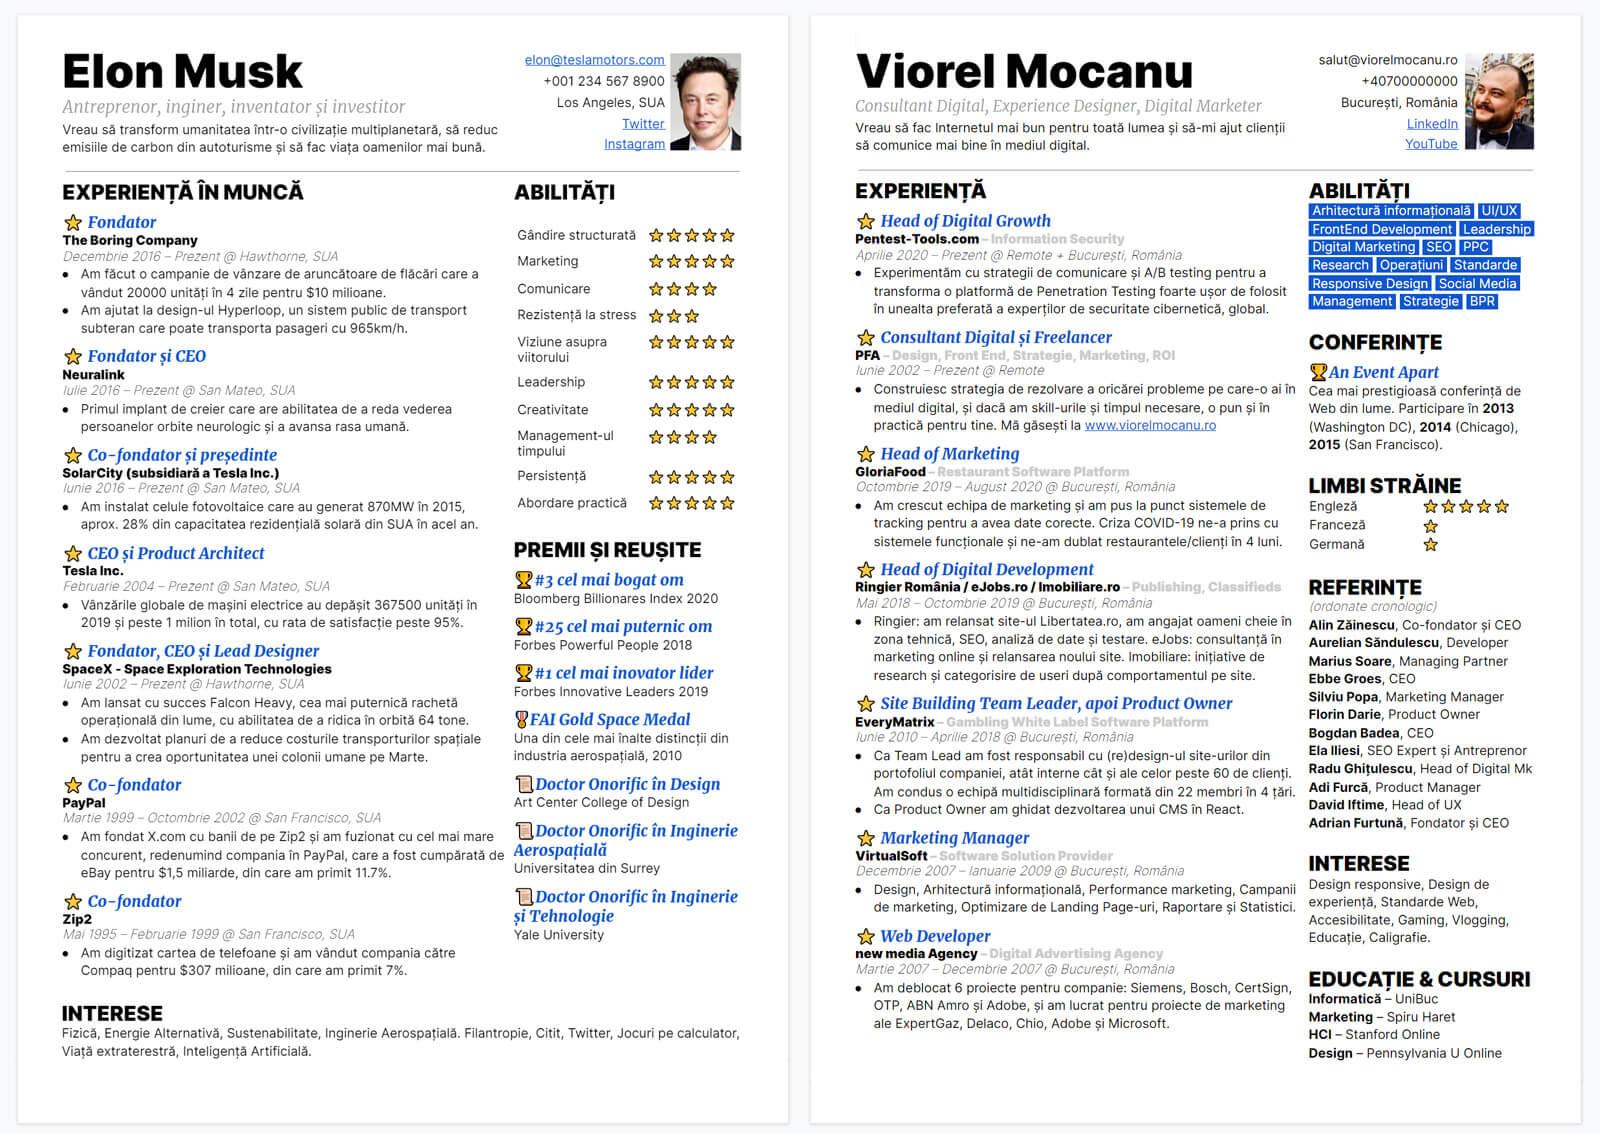 CV-ul ipotetic al lui Elon Musk și CV-ul realistic al lui Viorel Mocanu